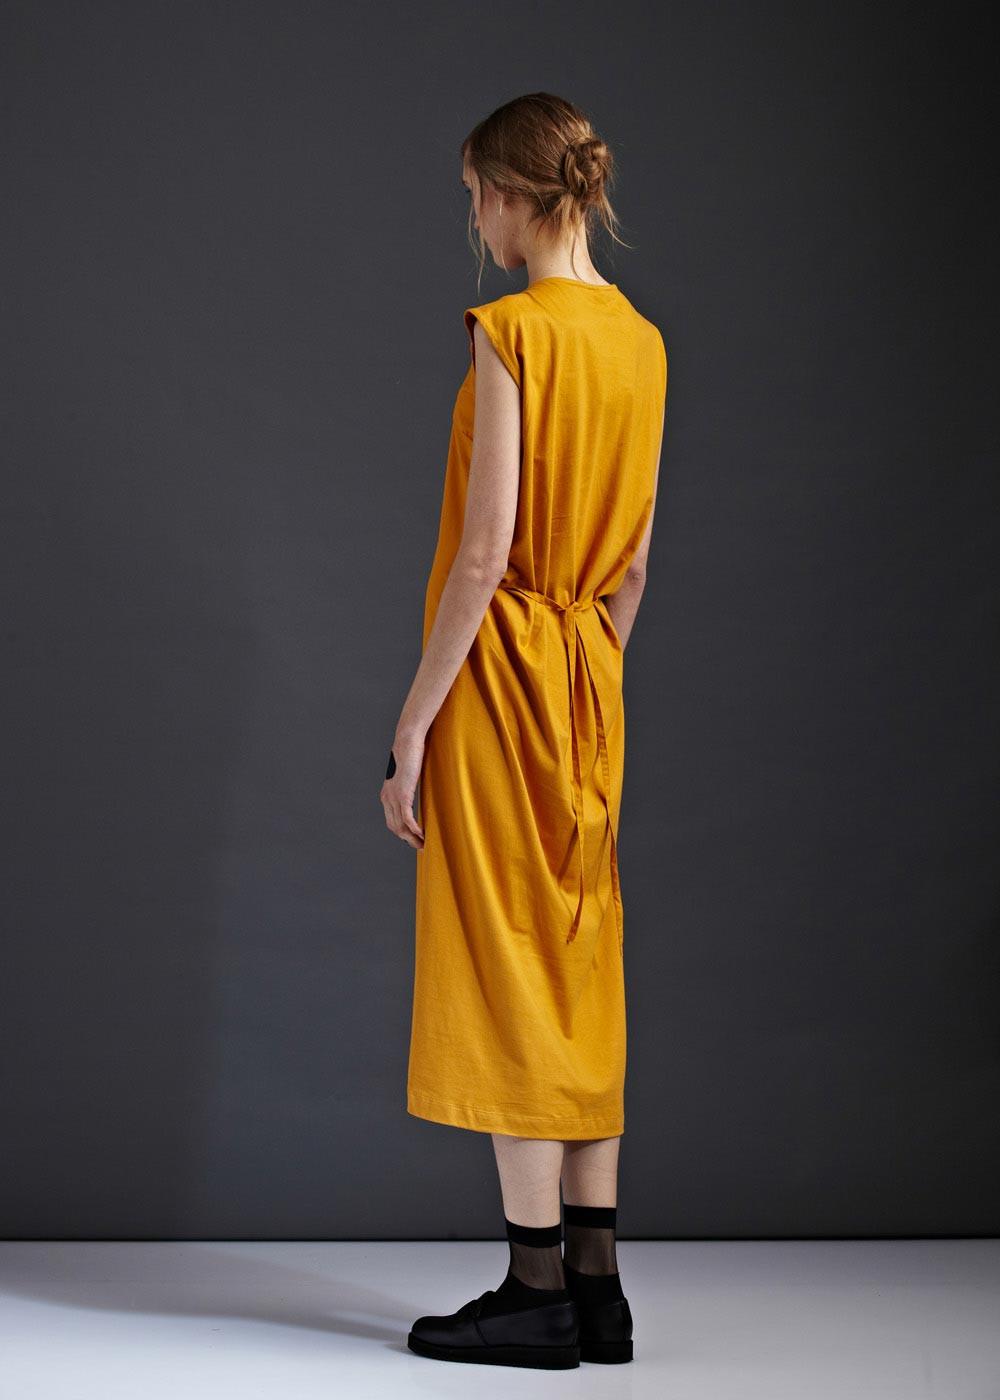 framed-dress-15_promo